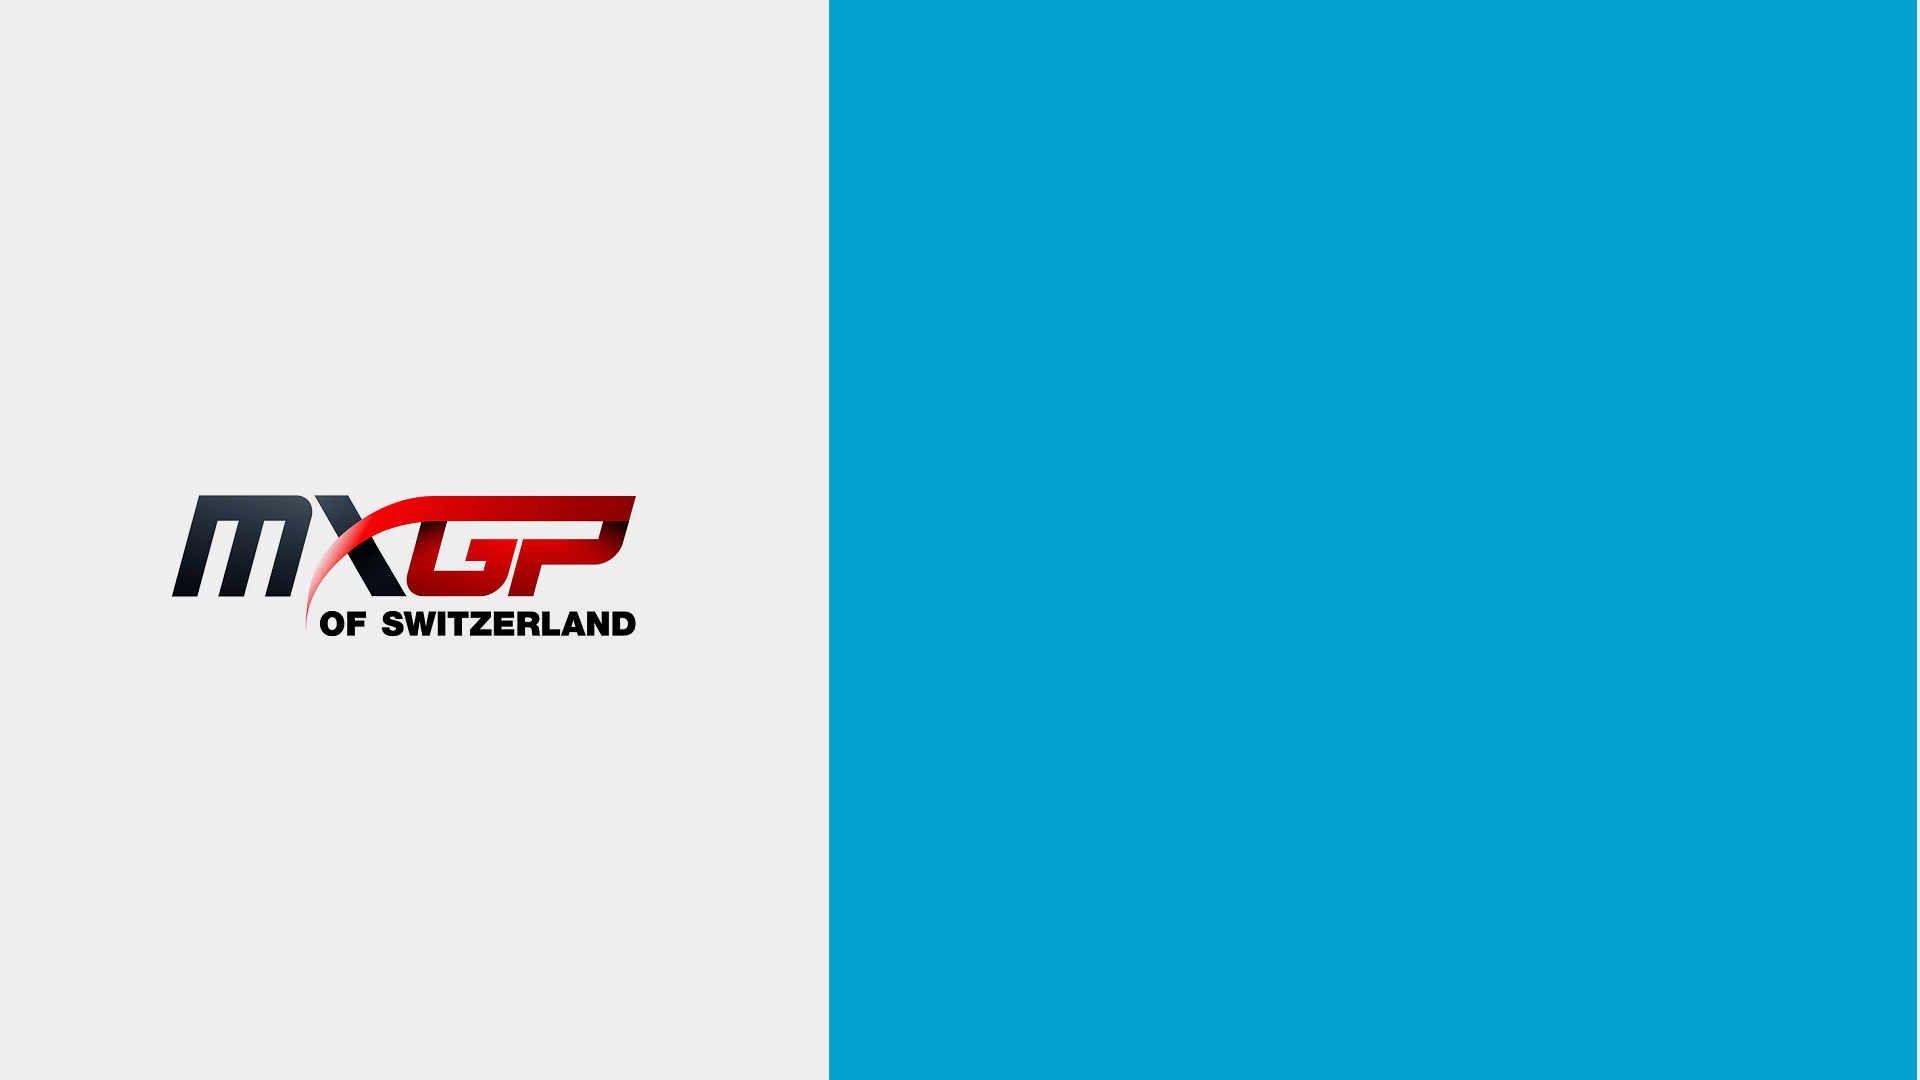 Lärmmessung Motocross-Weltmeisterschaft 2016